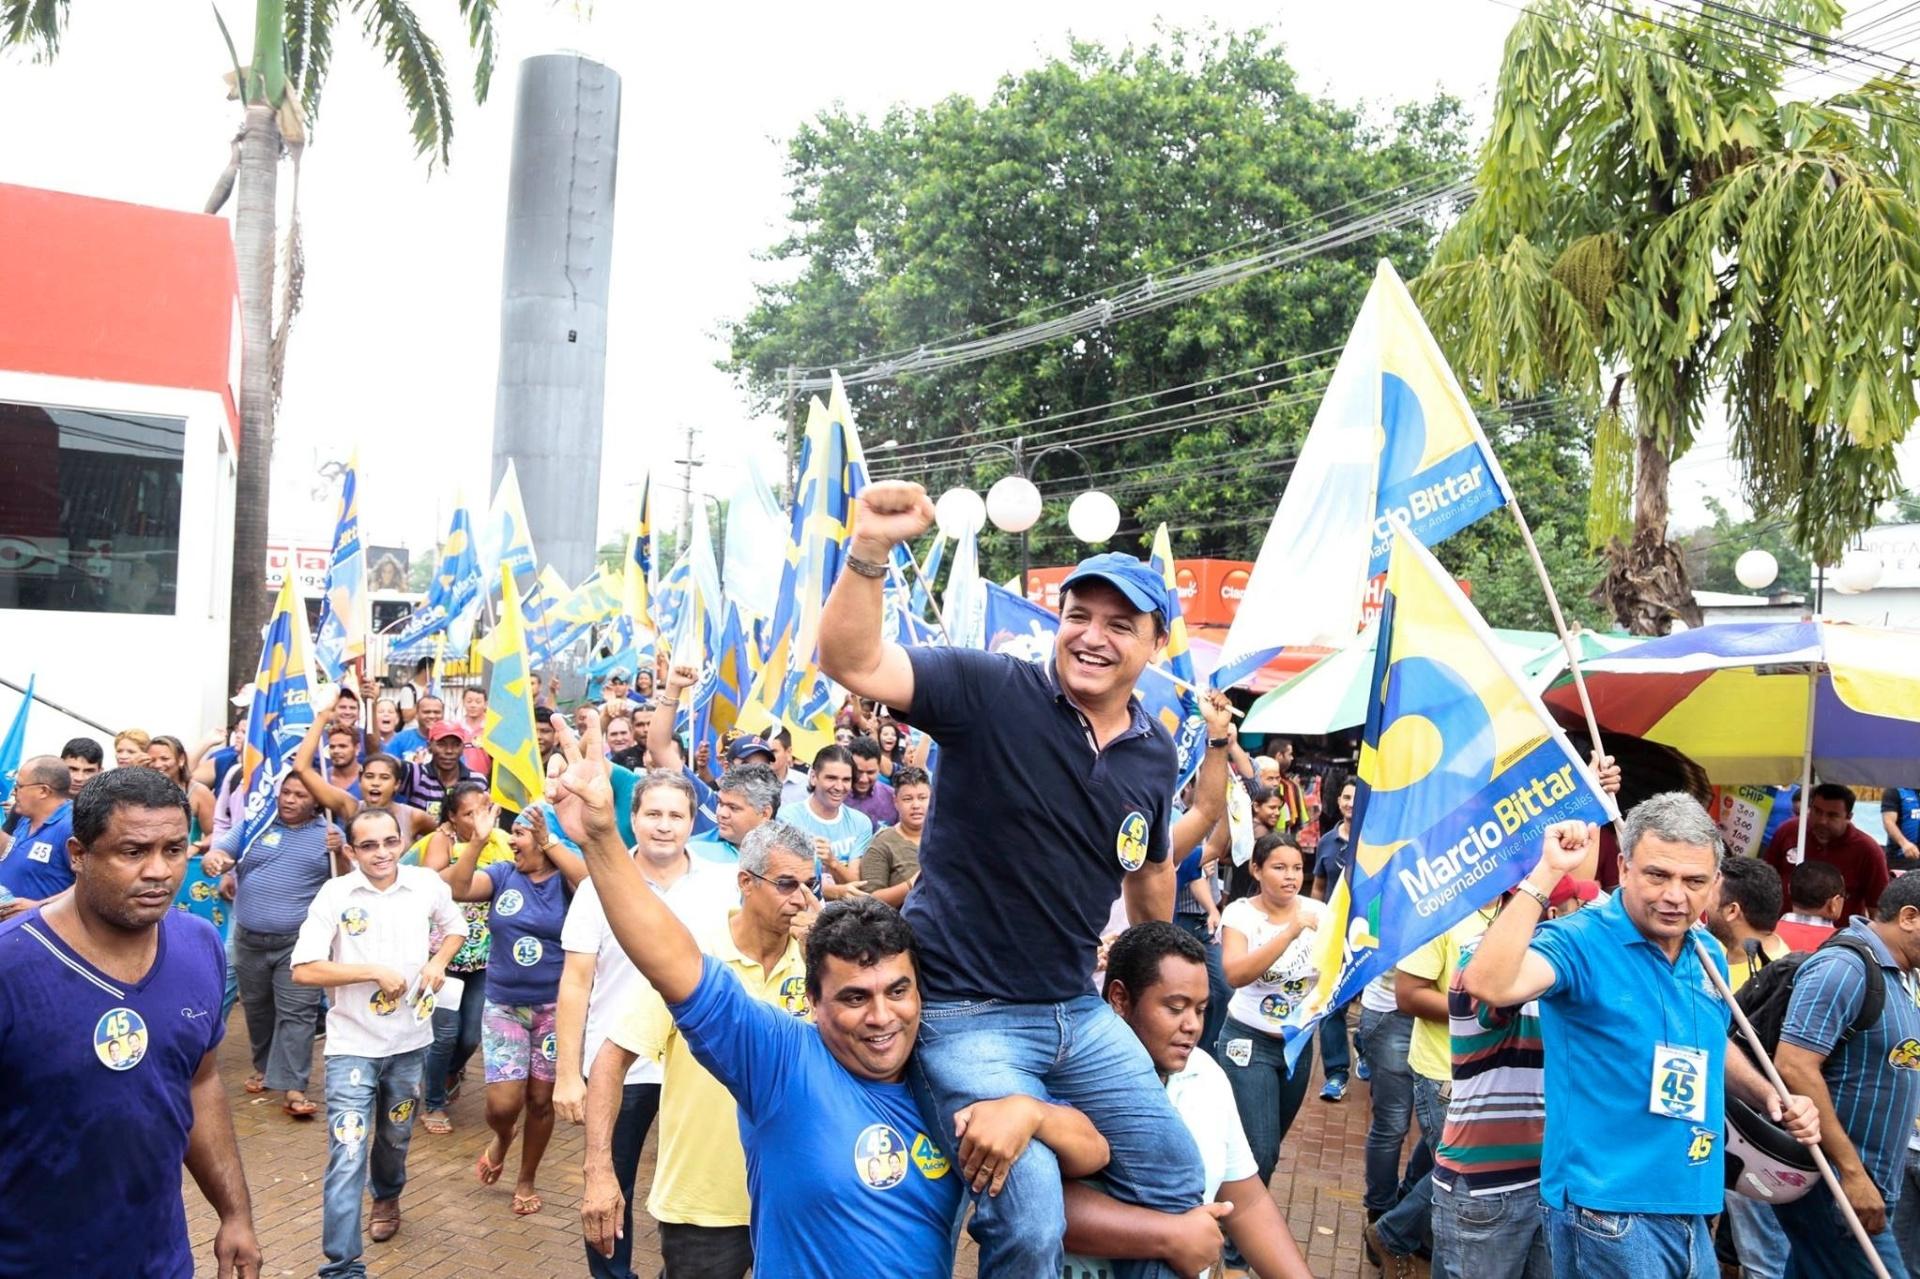 21.out.2014 - O candidato a governador do Acre Márcio Bittar (PSDB) realiza caminhada pelo centro de Rio Branco. Segundo a imprensa local, mais de 500 pessoas e diversos políticos da oposição participaram do ato